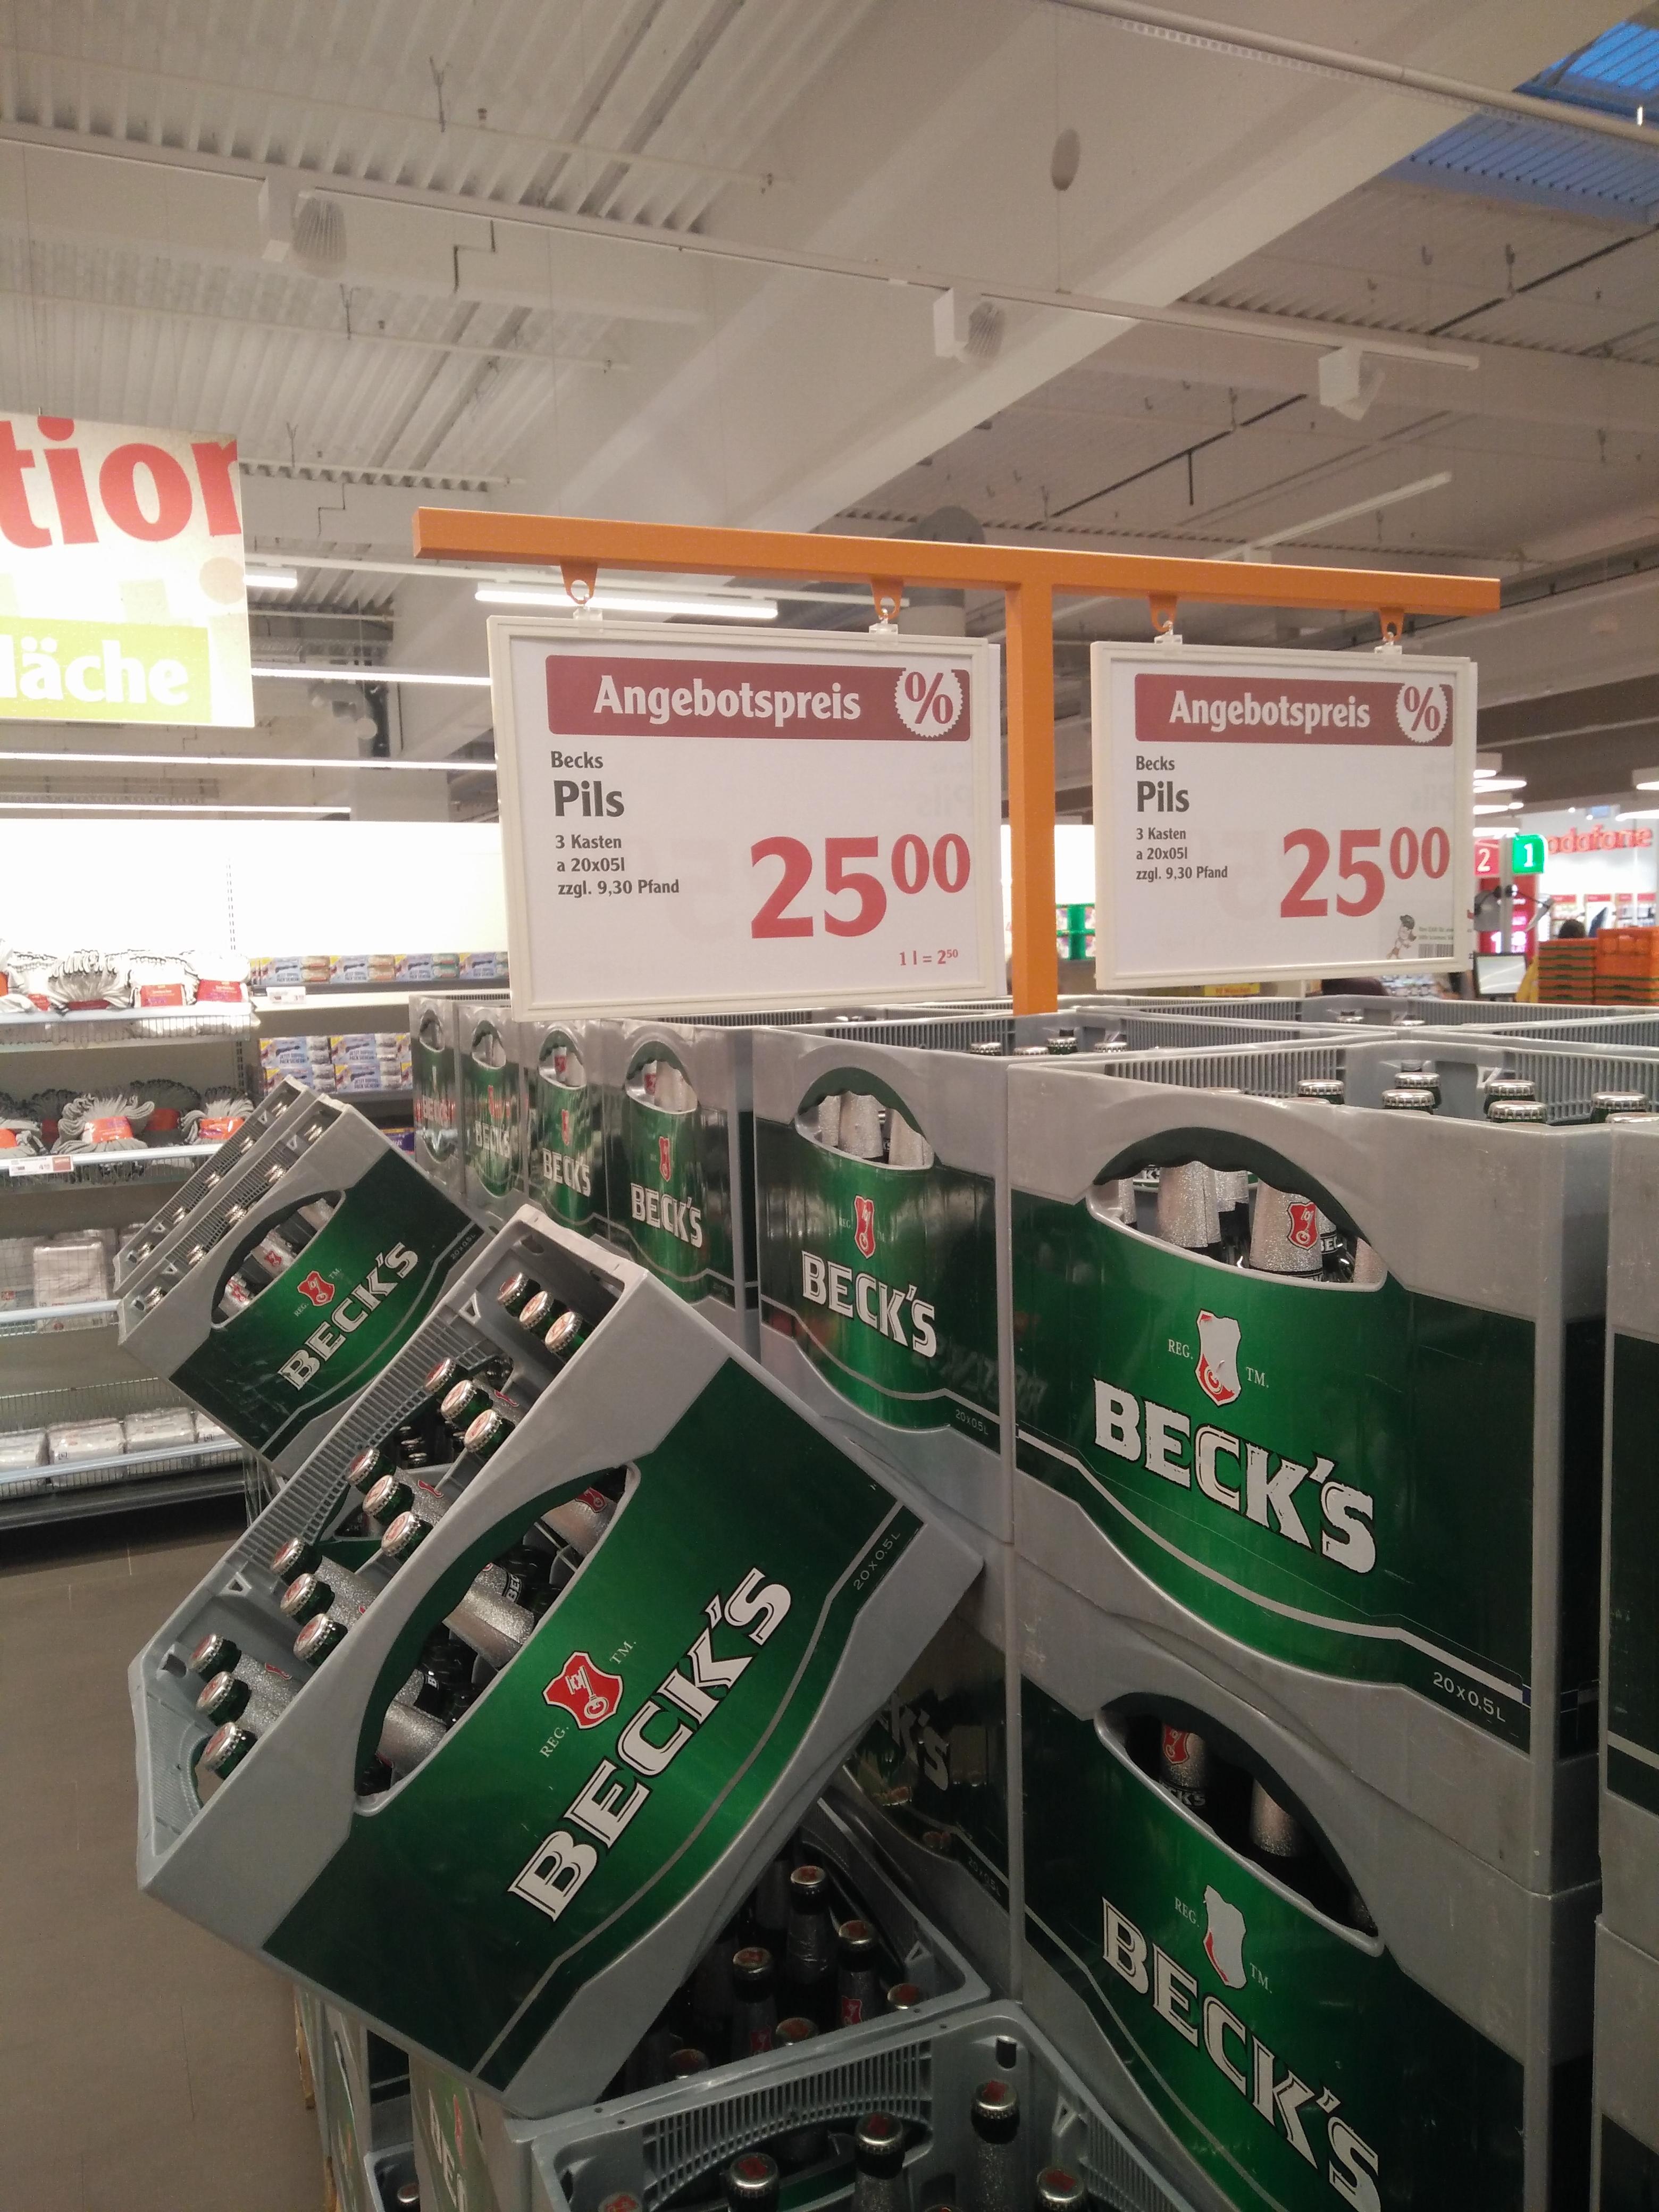 3 Kästen Becks 20x0,5l im Globus Rüsselsheim-Bauschheim für 25€